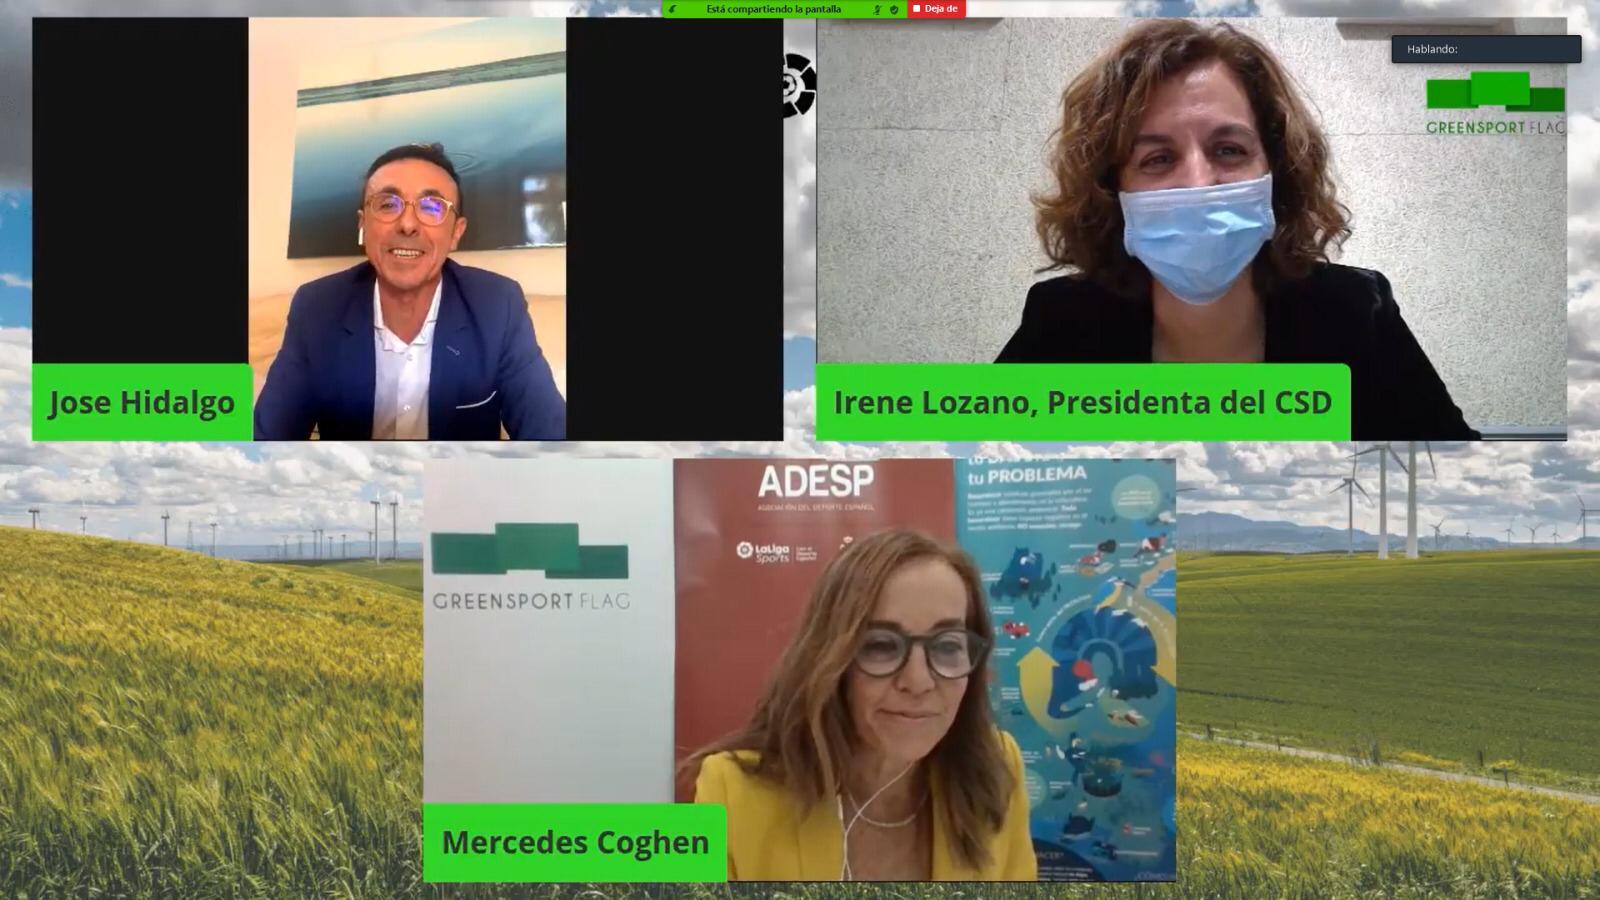 Irene Lozano inaugura el primer Foro Green Sport Flag y destaca la importancia del Deporte para ayudar en el desarrollo rural de España